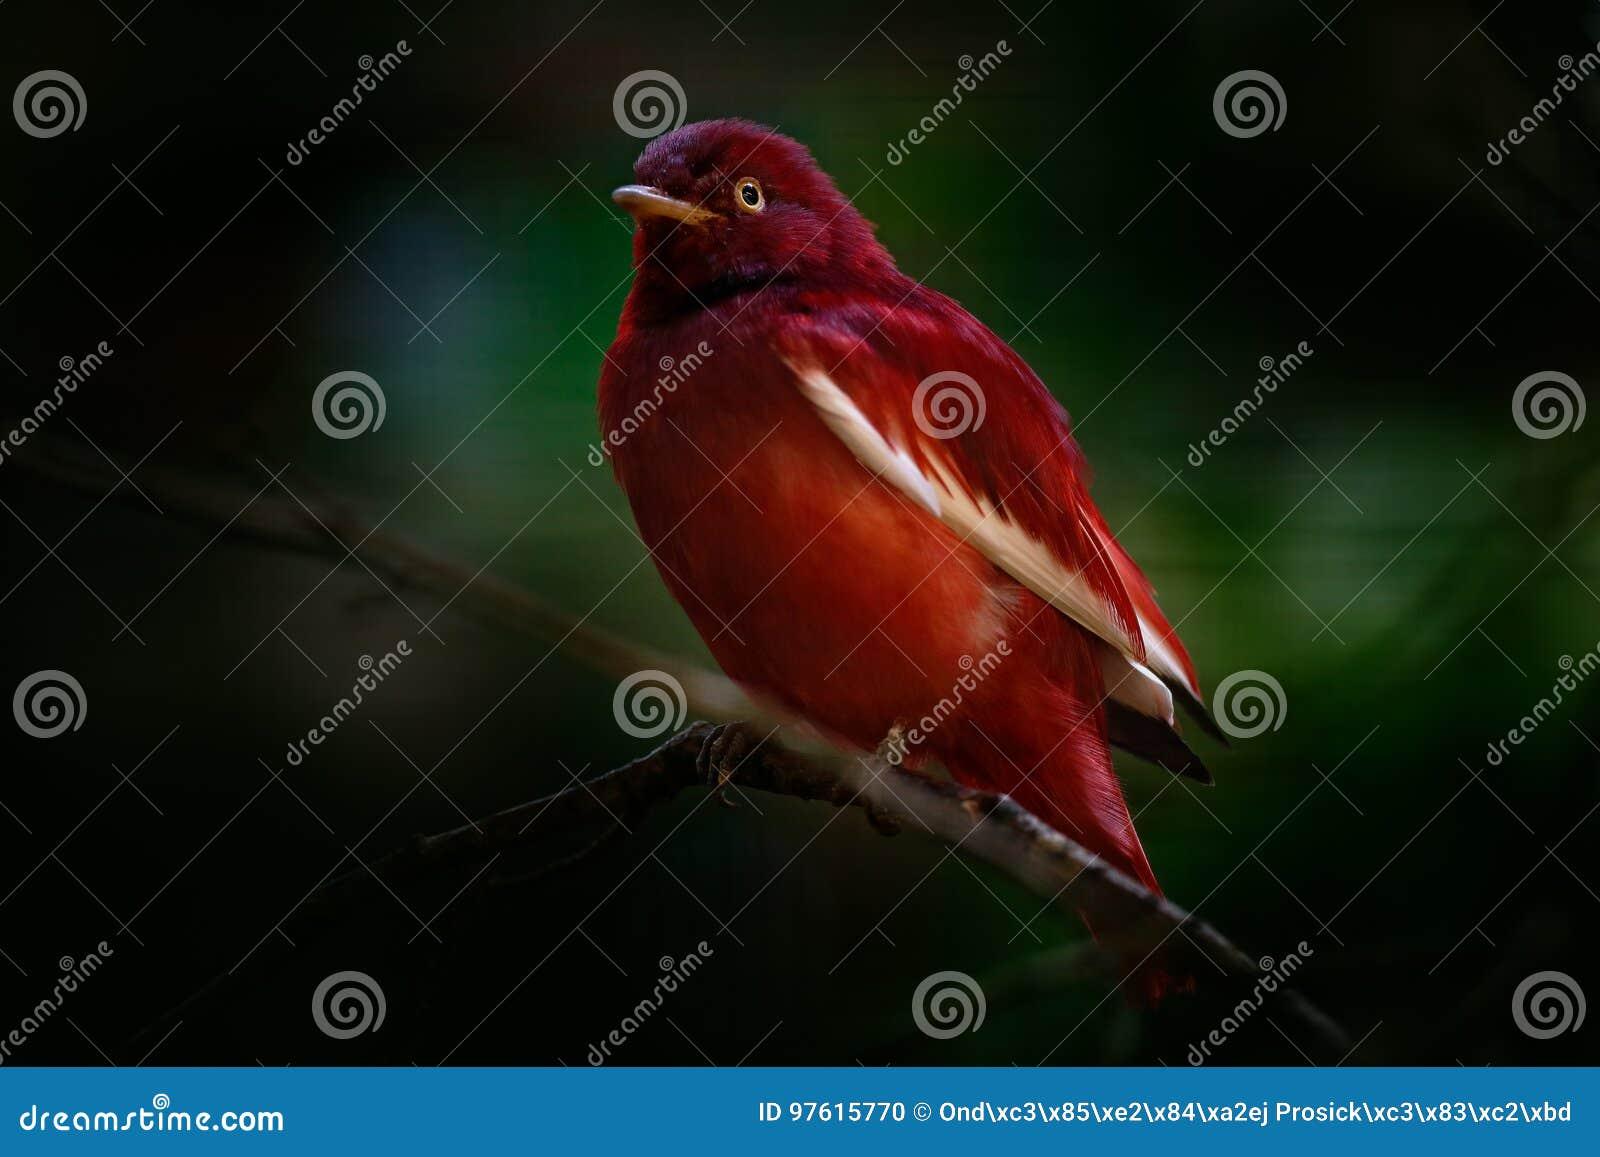 Cotinga de coiffure style Pompadour, punicea de Xipholena, oiseau tropical rare exotique dans l habitat de nature, forêt vert-fon